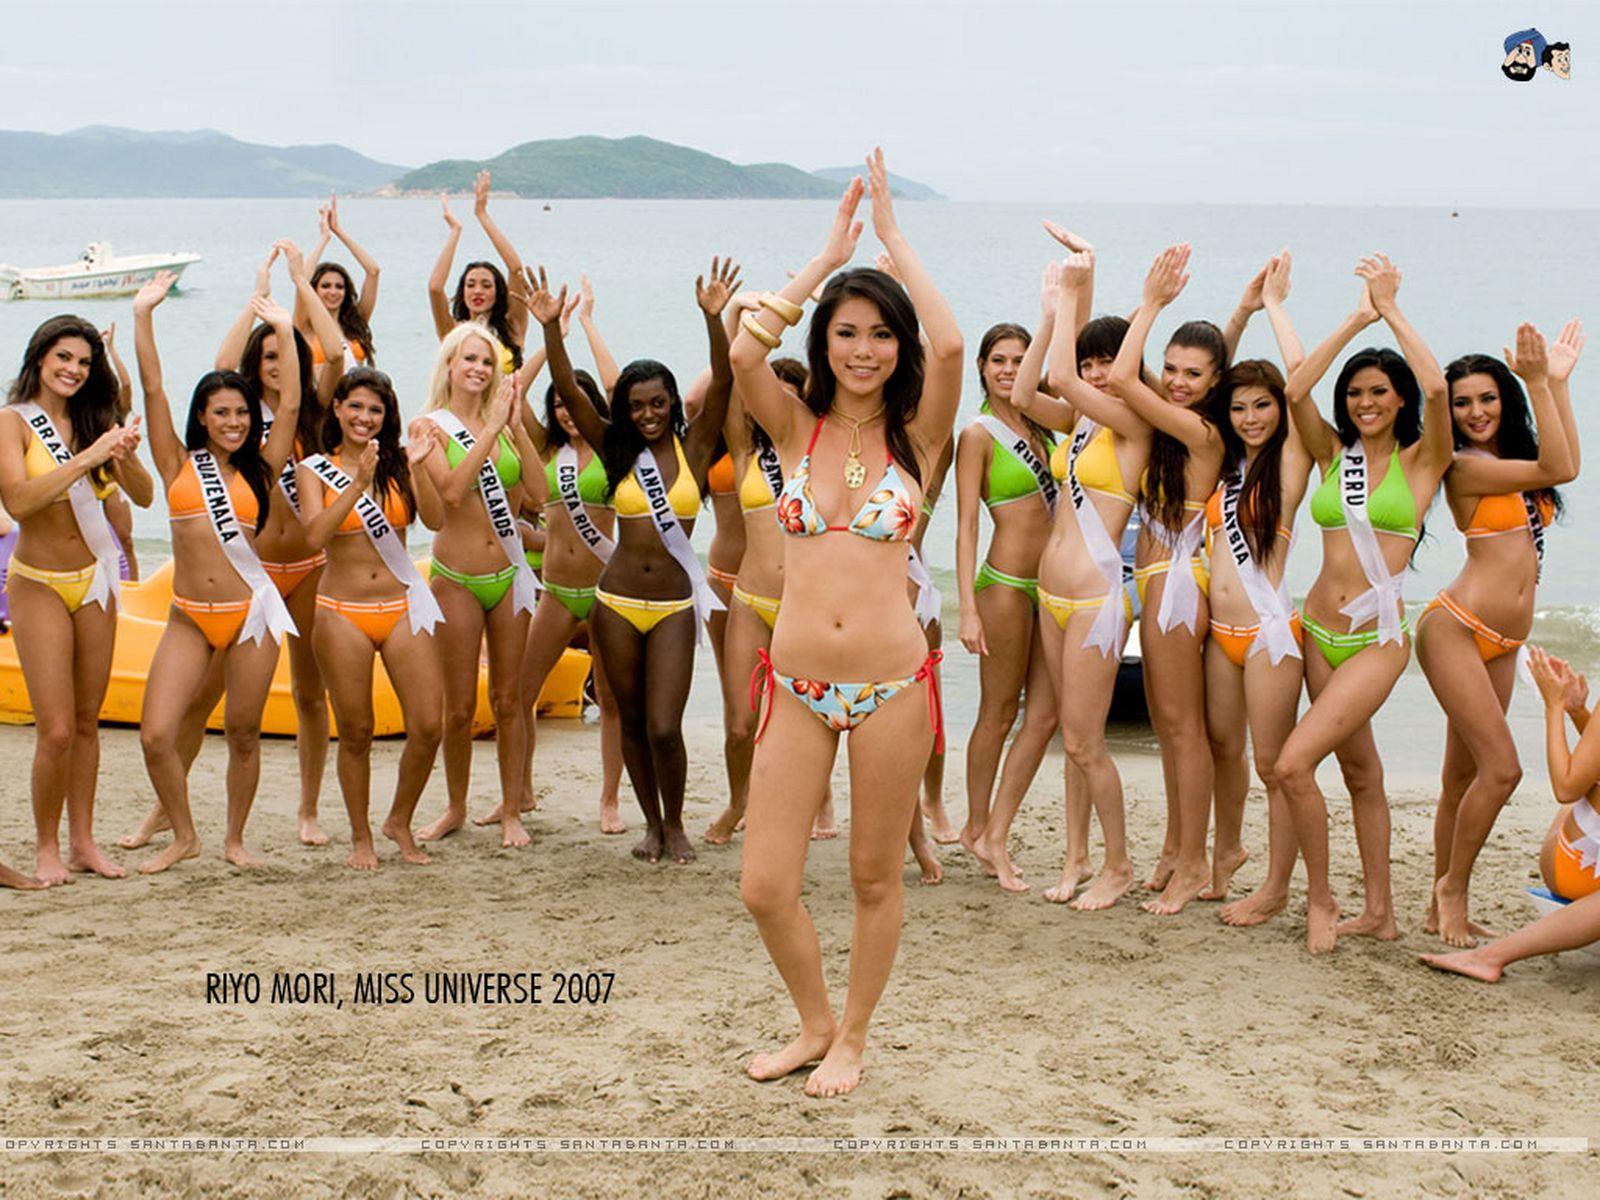 Фото обнаженных вьетнамских девушек 16 фотография